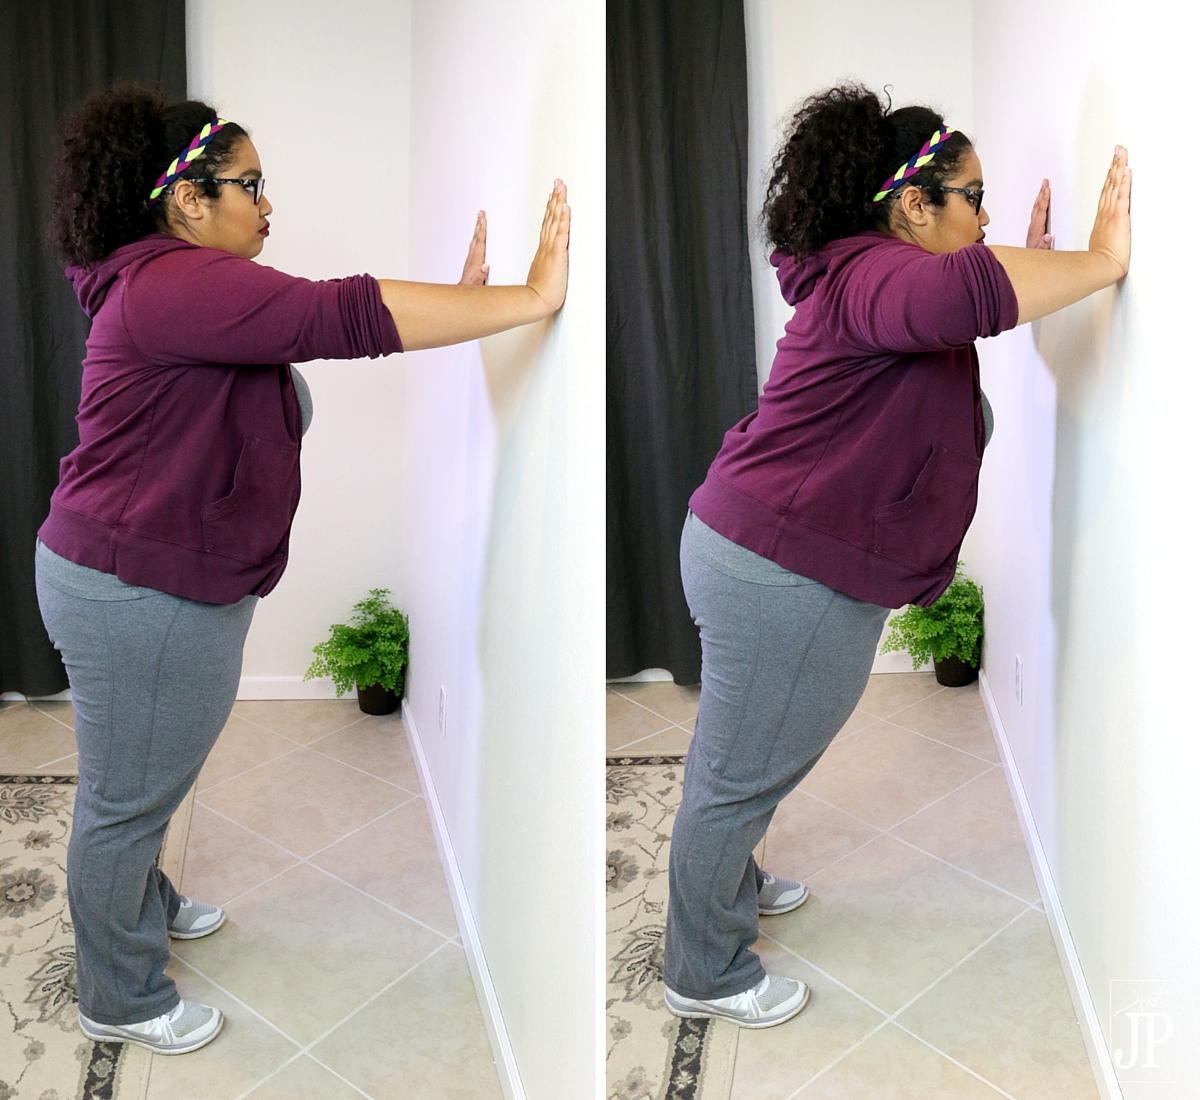 How to do wall pushups